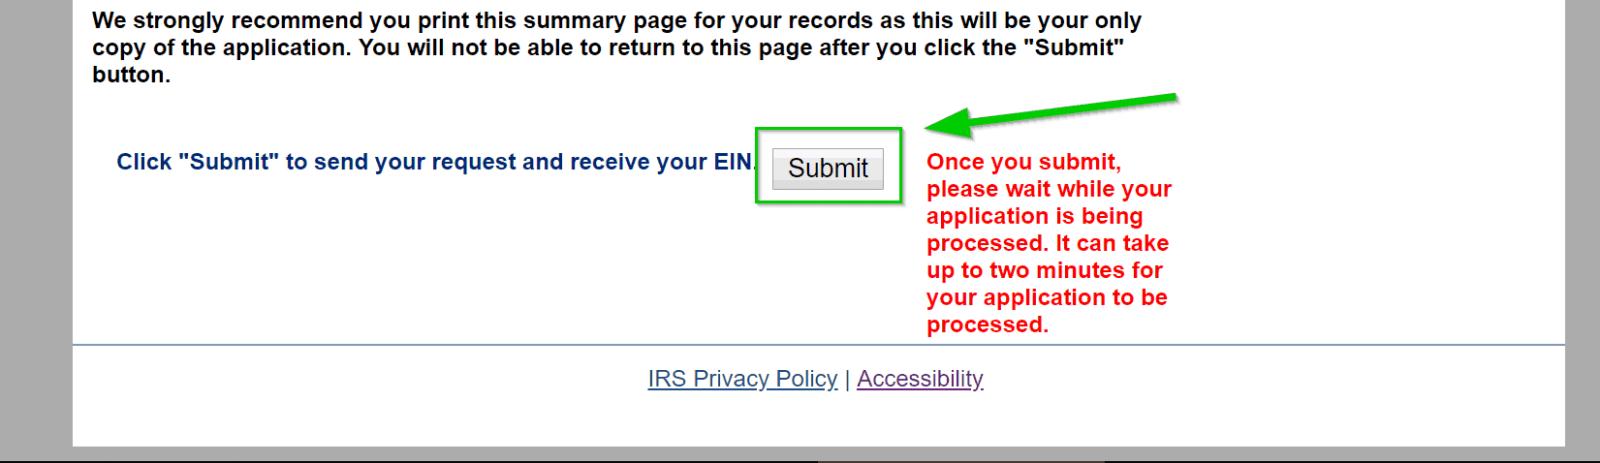 Verify EIN info